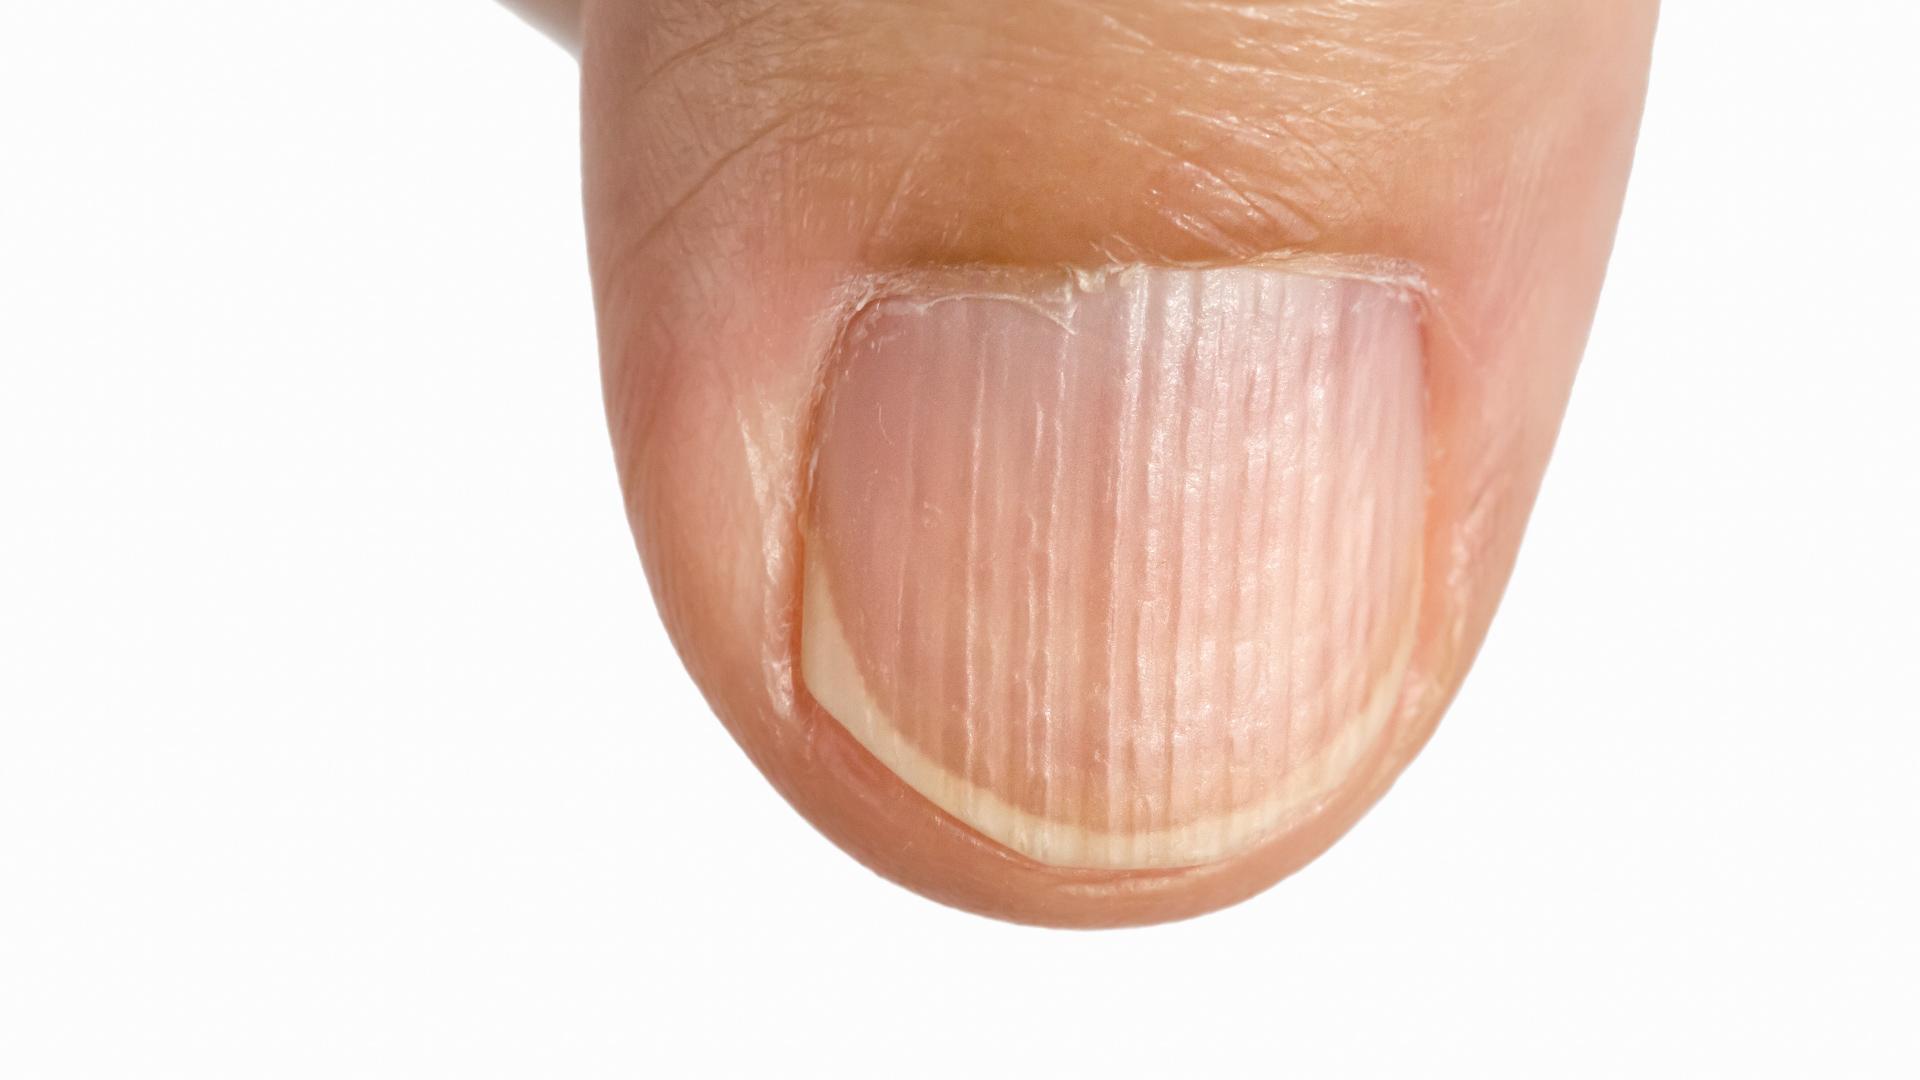 O czym świadczą pionowe bruzdy na paznokciach?